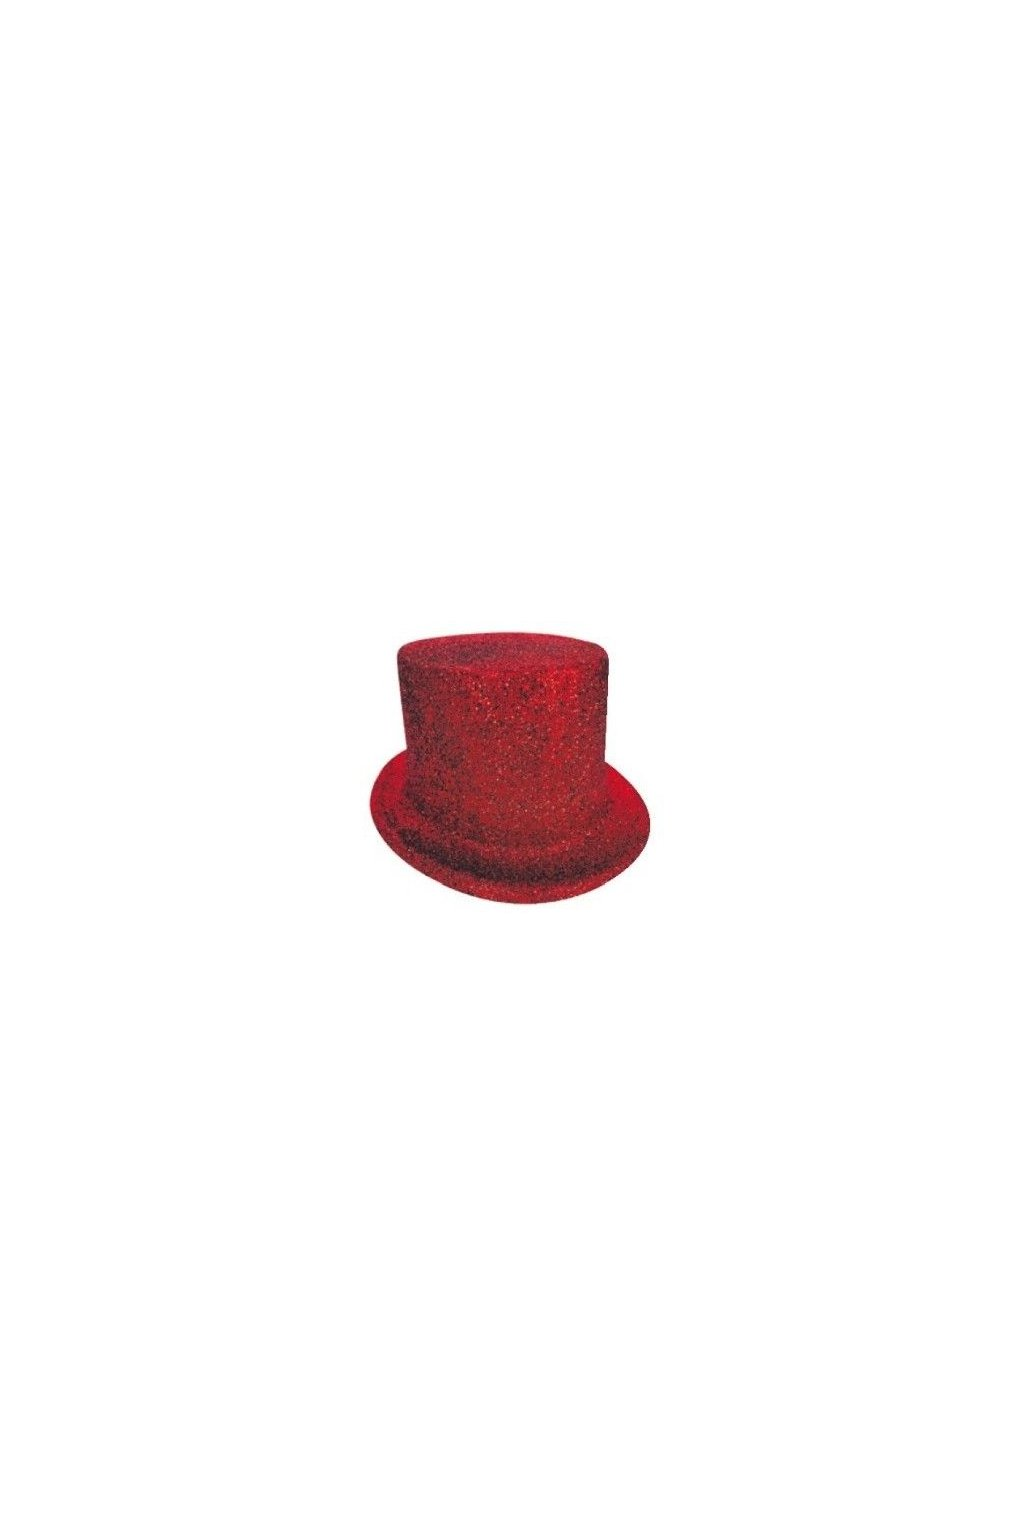 Párty klobouk - cylindr červený